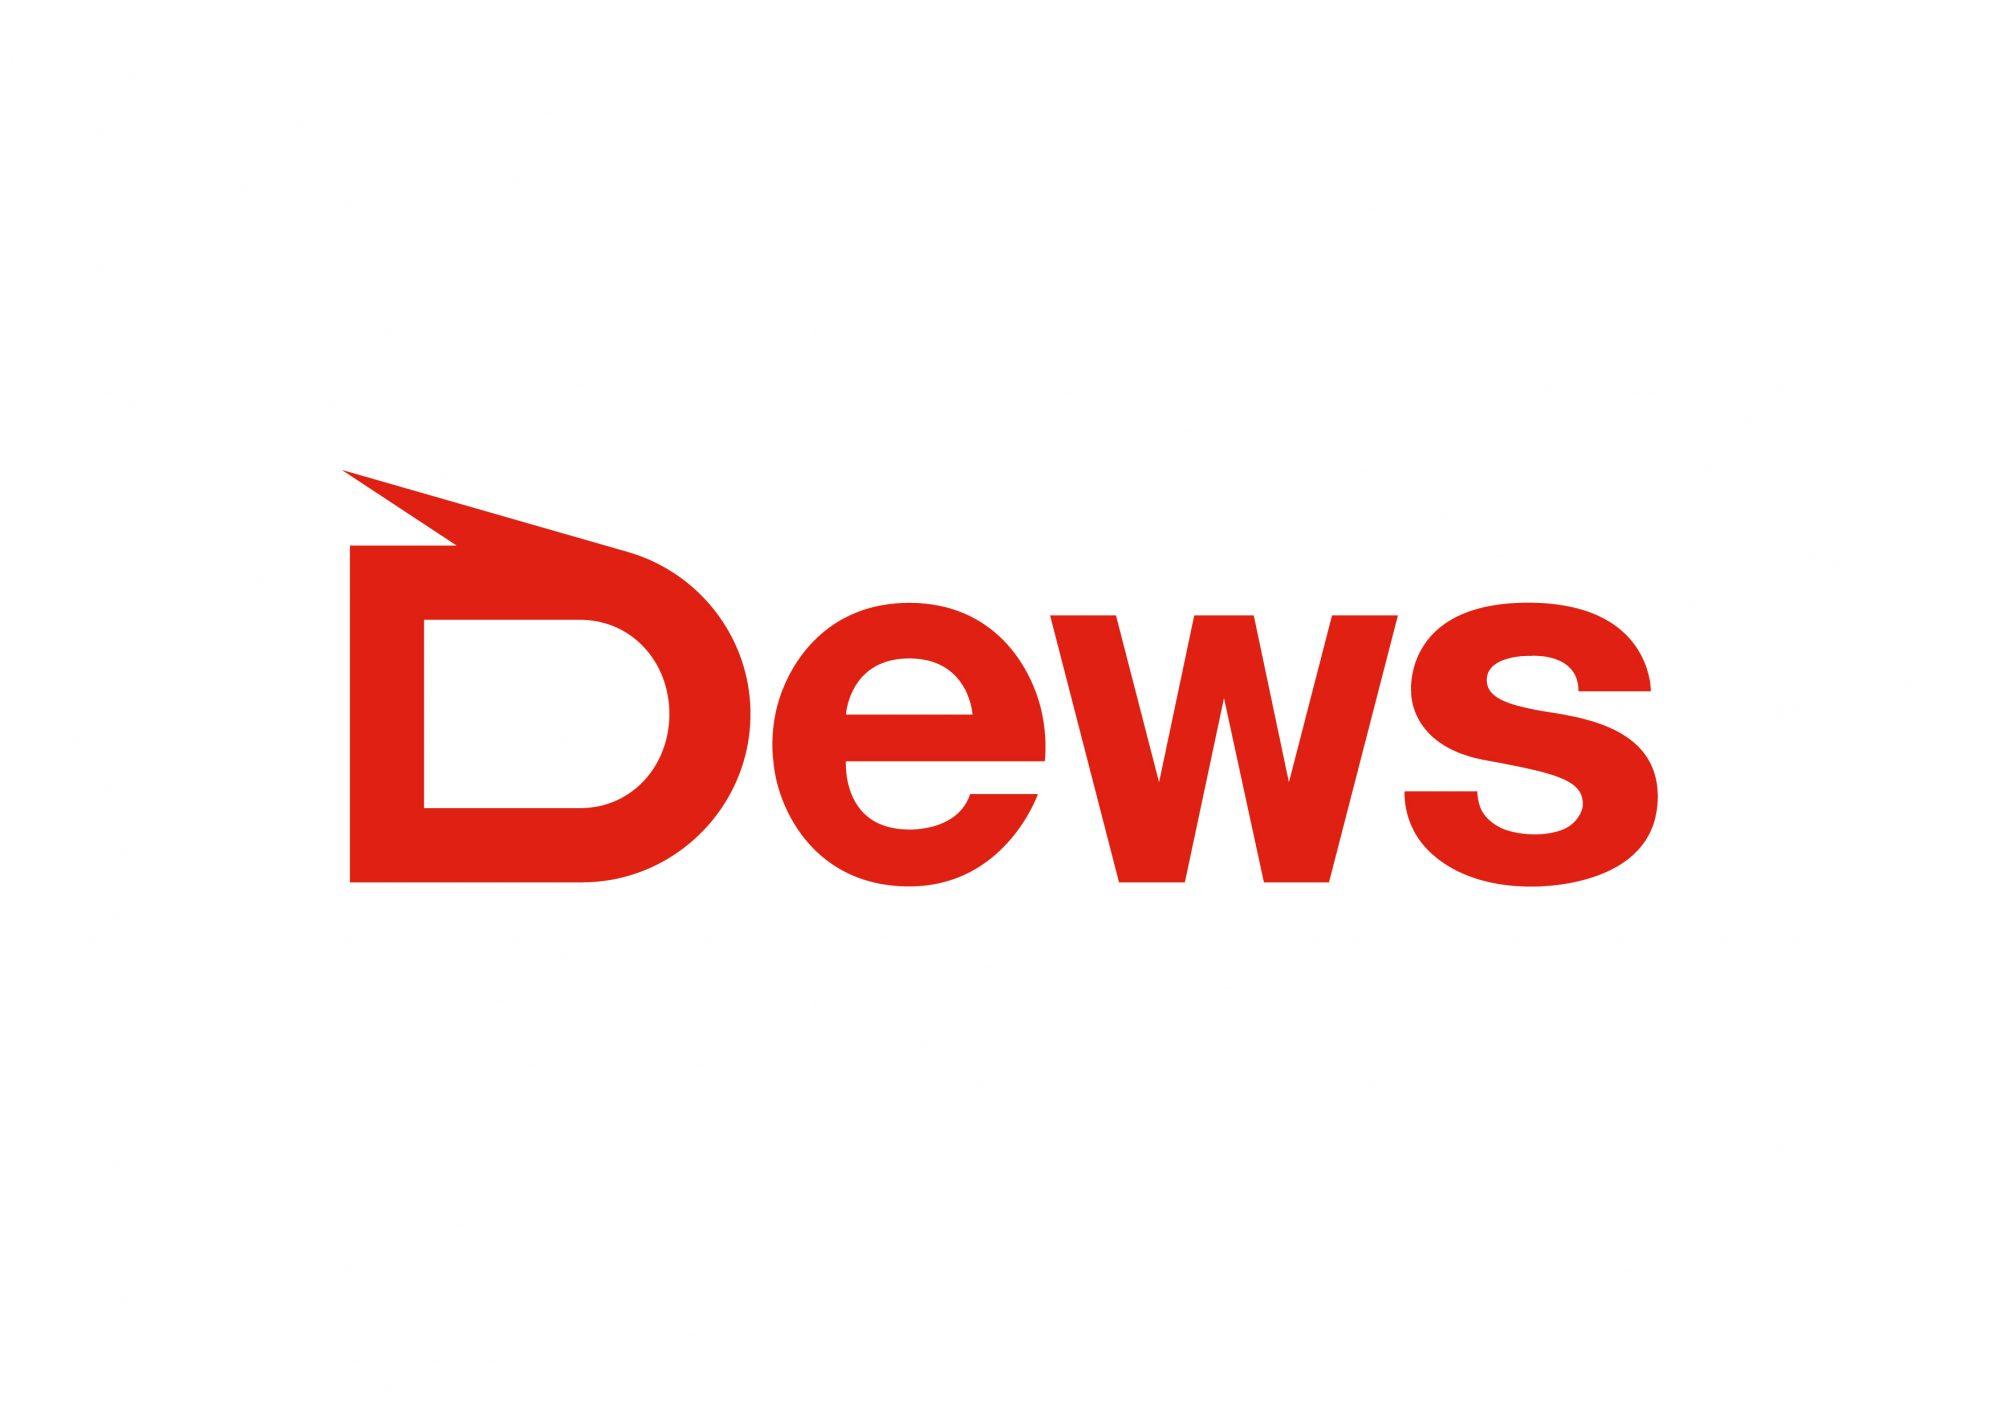 業界No.1ダンスニュースサイト「Dews」が「LINE NEWS」への記事配信をスタート